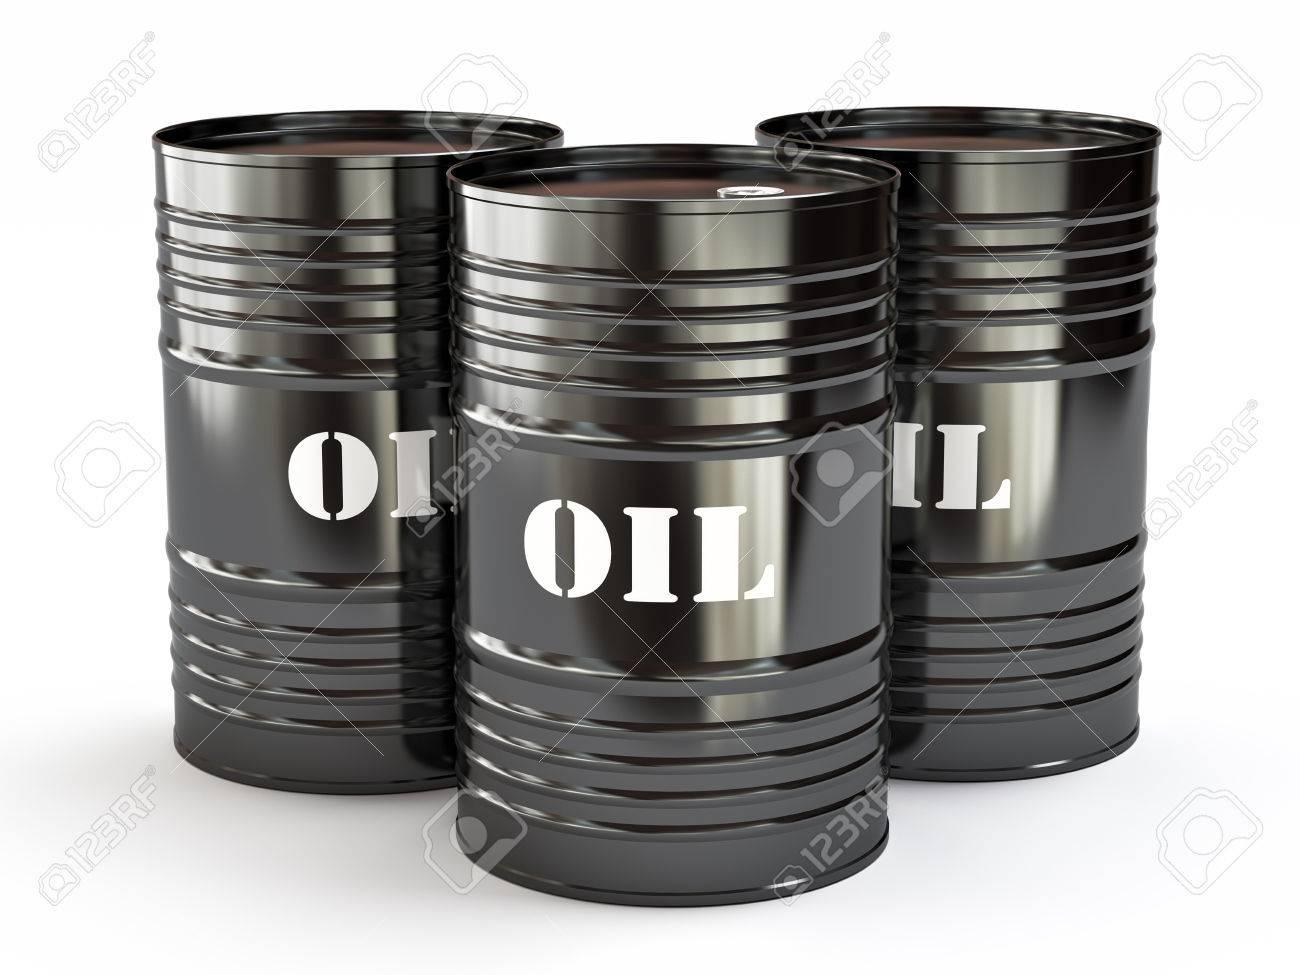 Beliebt Bevorzugt Gruppe Von Schwarzen Ölfässer, 3d Illustration Lizenzfreie Fotos #NN_45